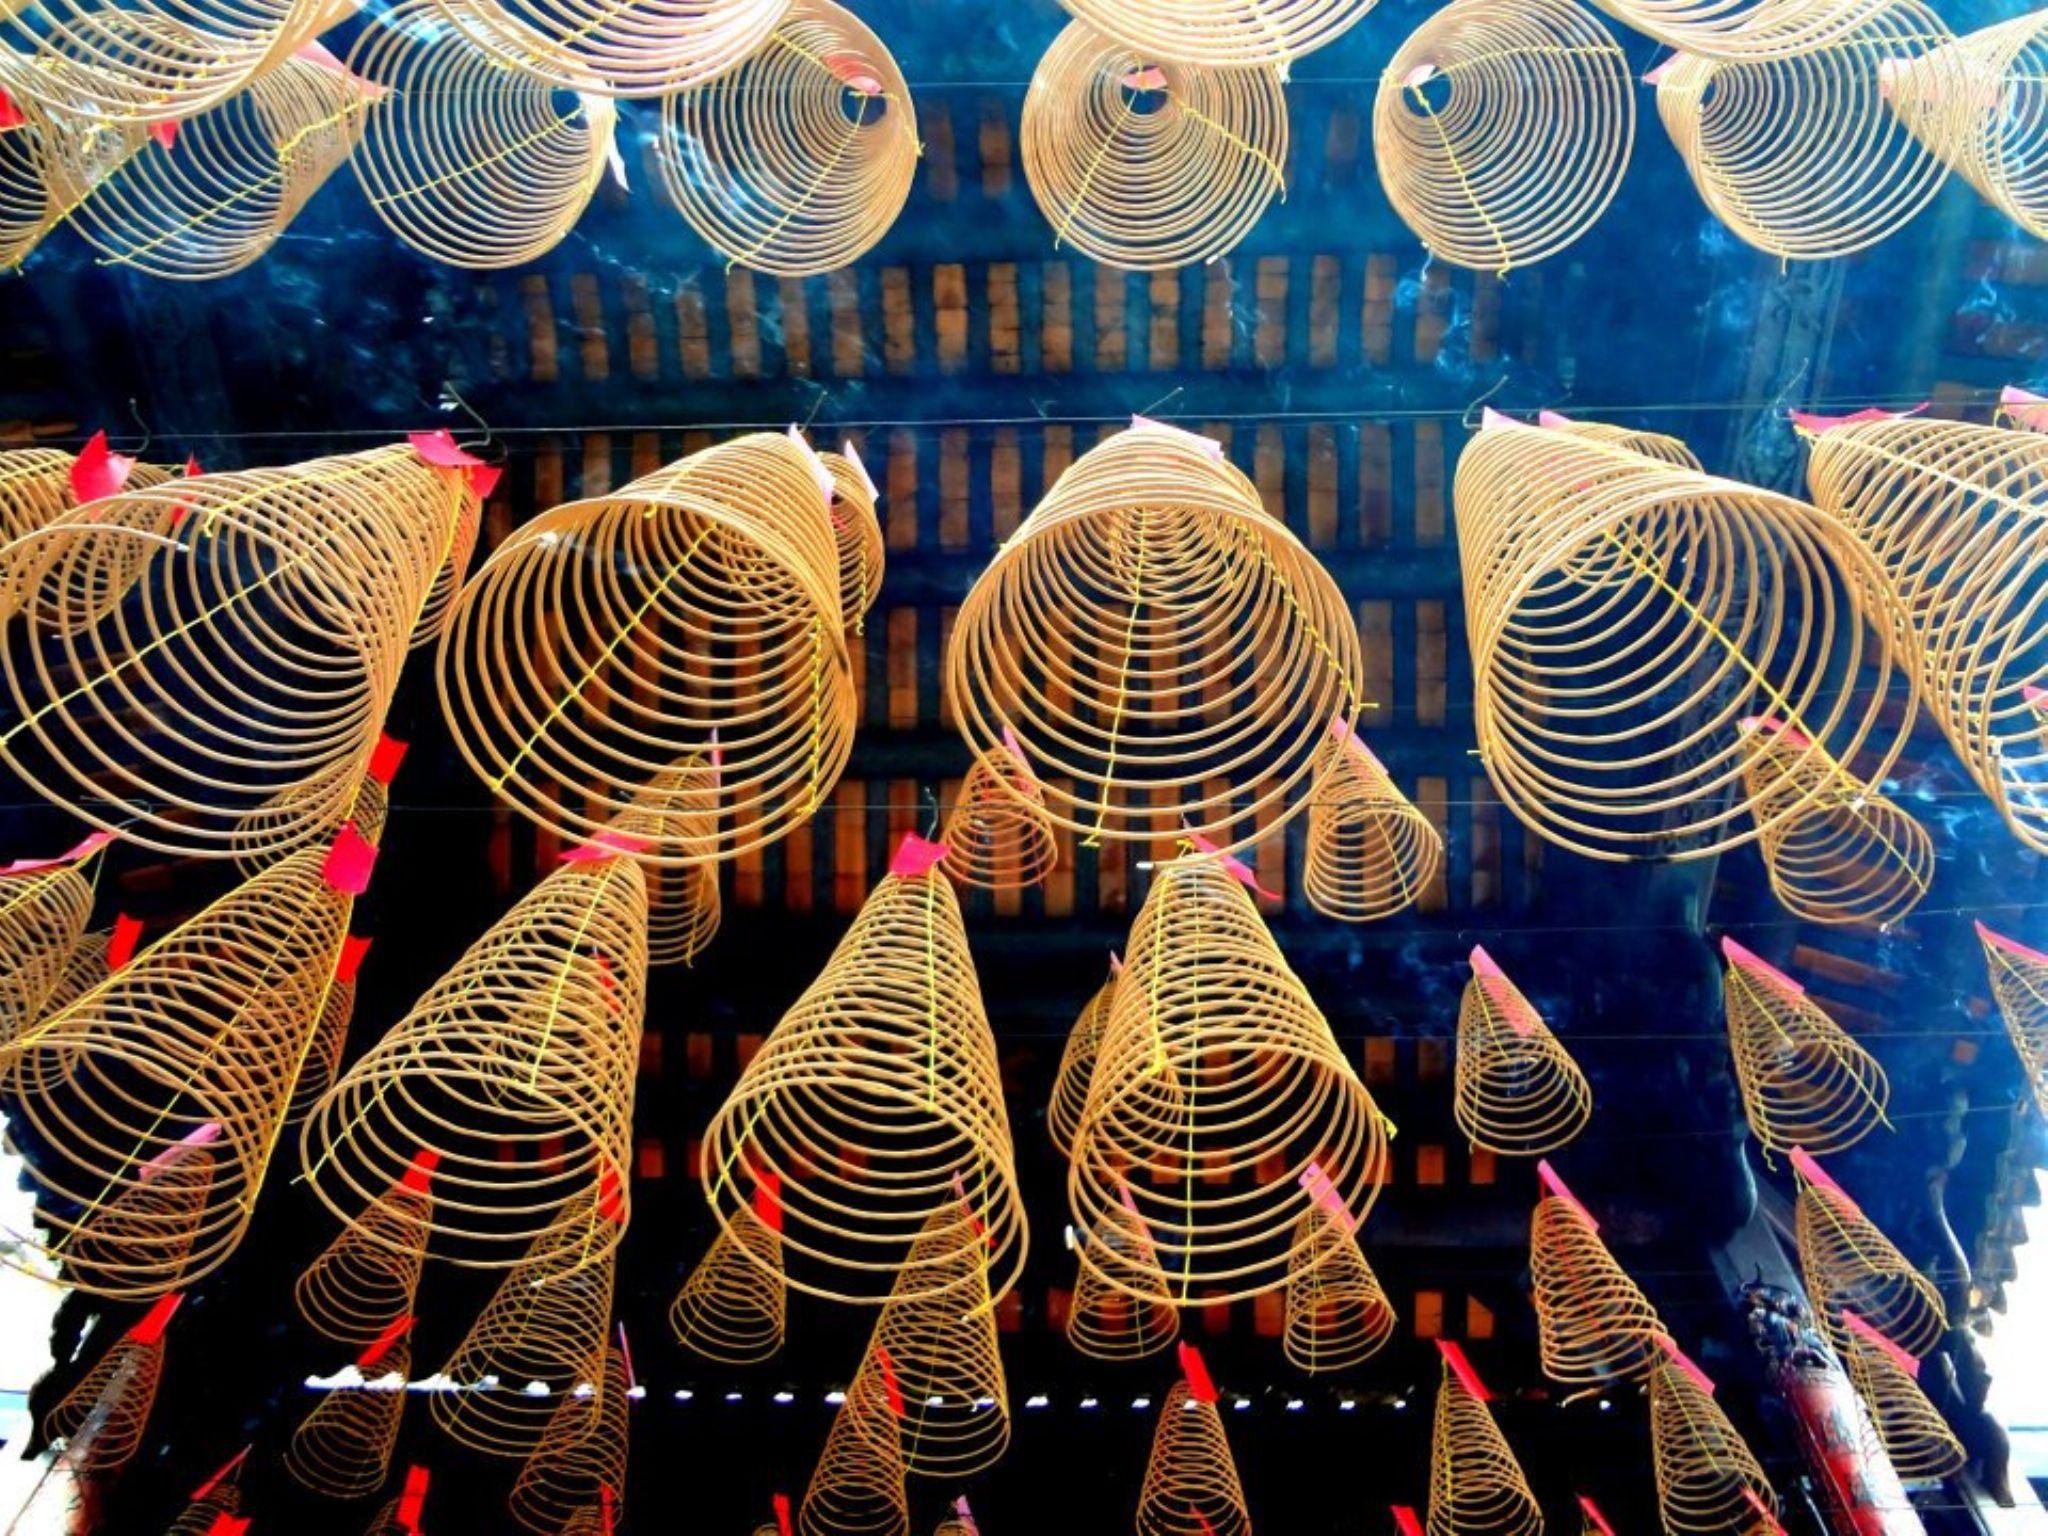 Incense Cones by Deena Roth